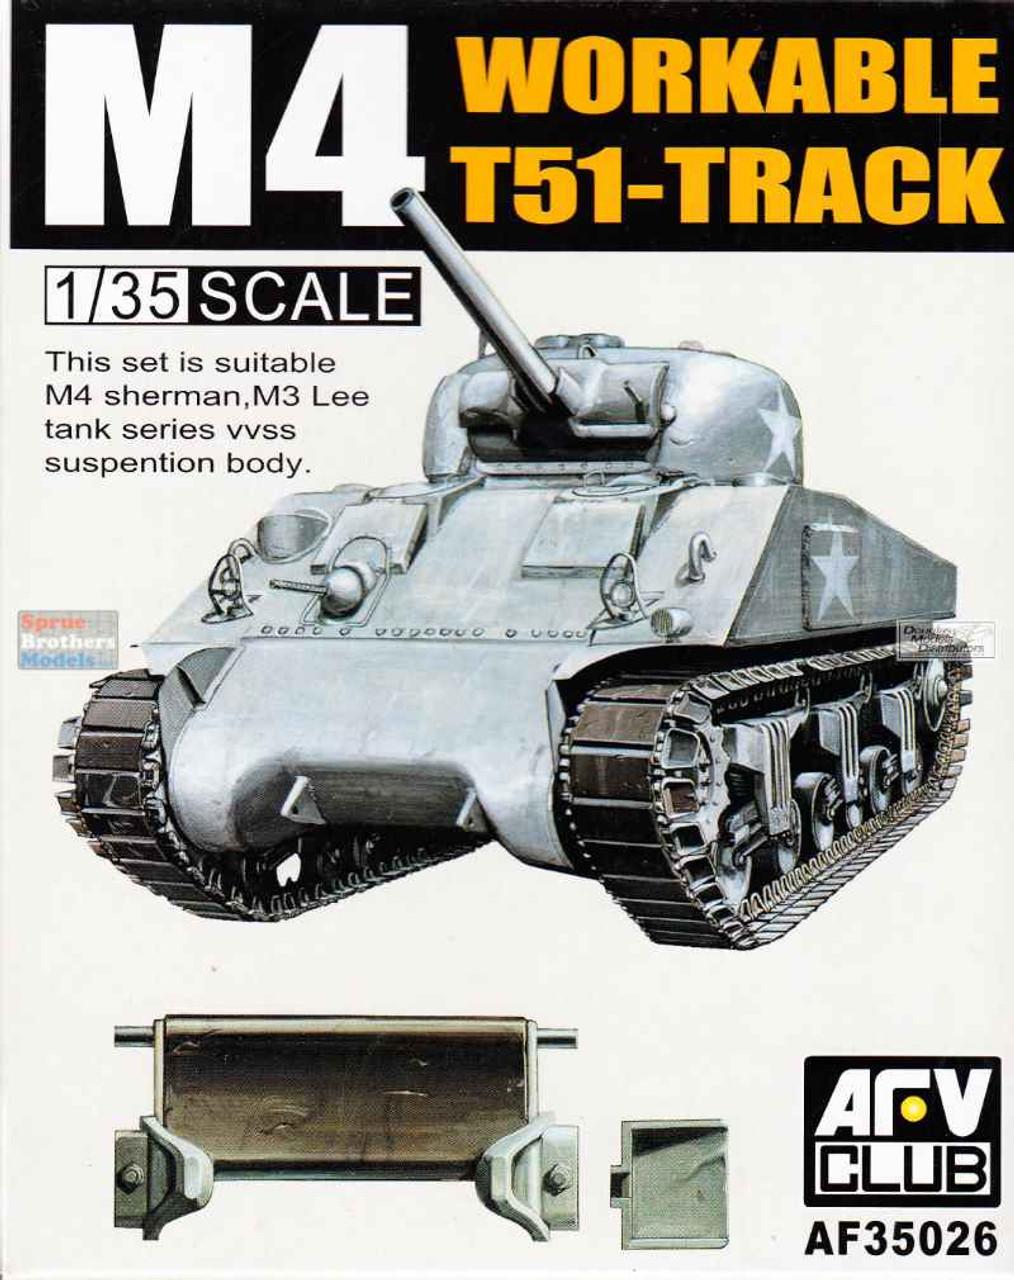 AFV35026 1:35 AFV Club M4 Sherman T51 Track (workable)